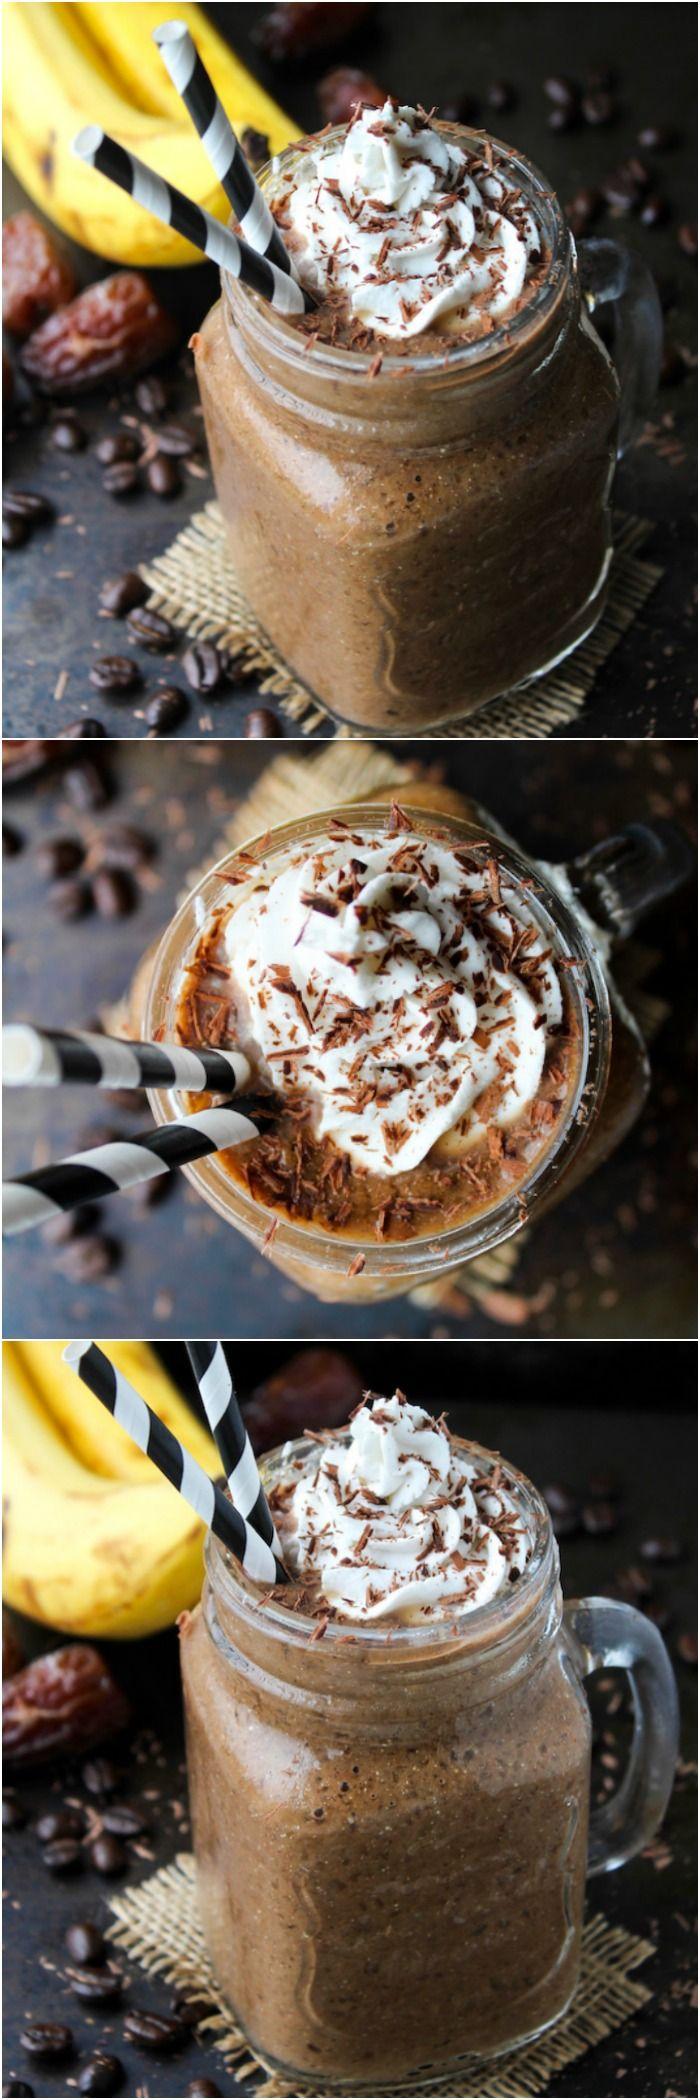 Chocolate and Coffee Smoothie Naturally sweetened & dairy free – thick, creamy, chocolatey indulgence! Paleo & Vegan